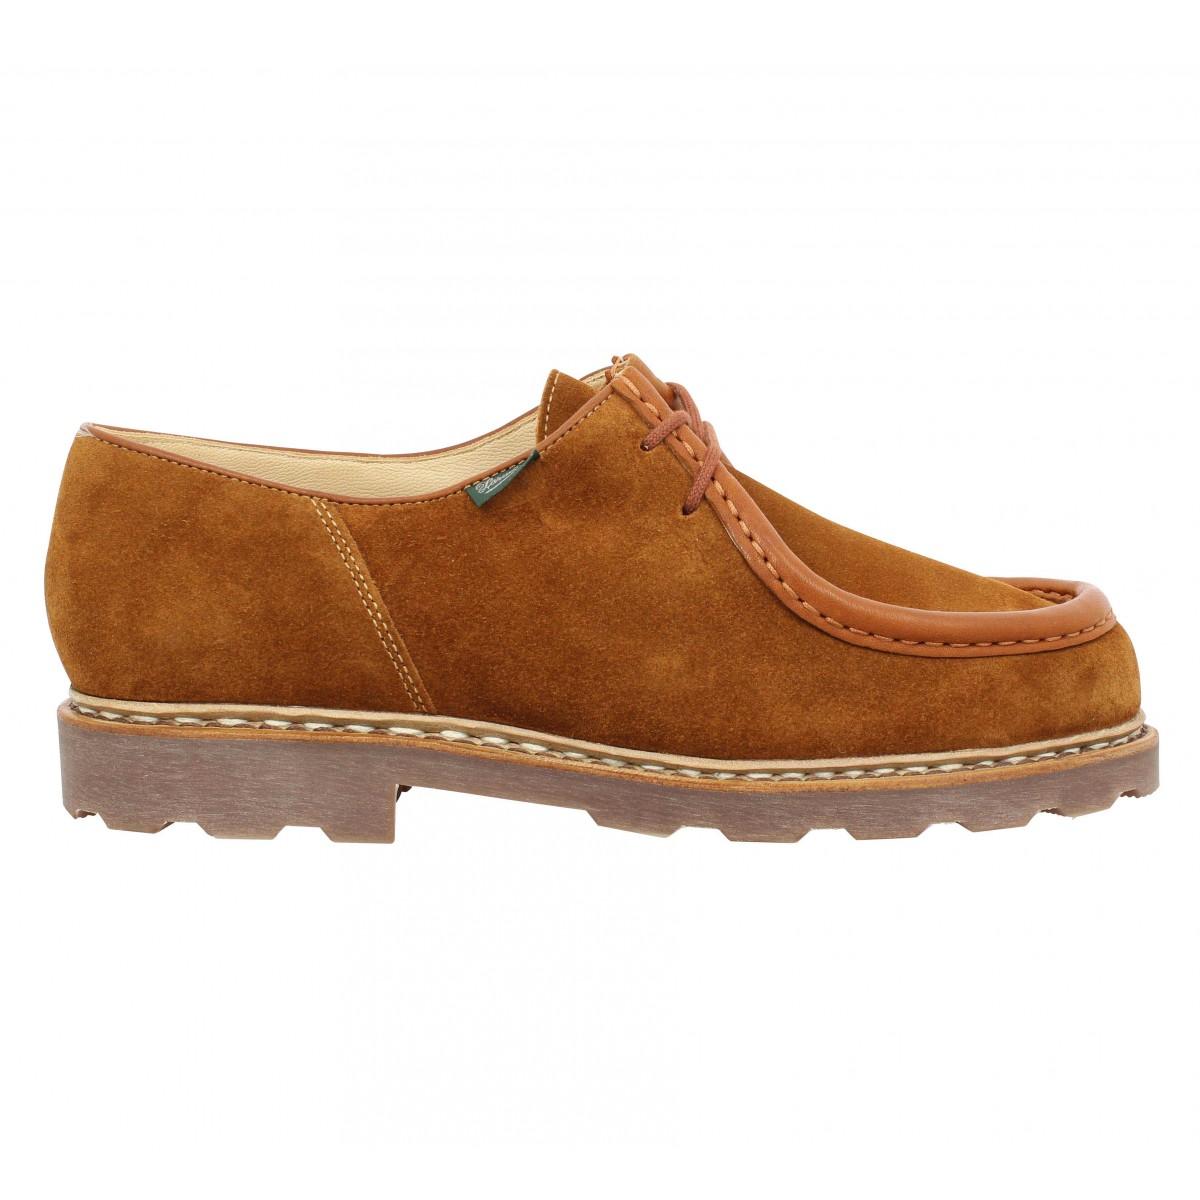 35cc0eec9e6c Chaussures à lacets PARABOOT Michael velours Homme Cognac. 1